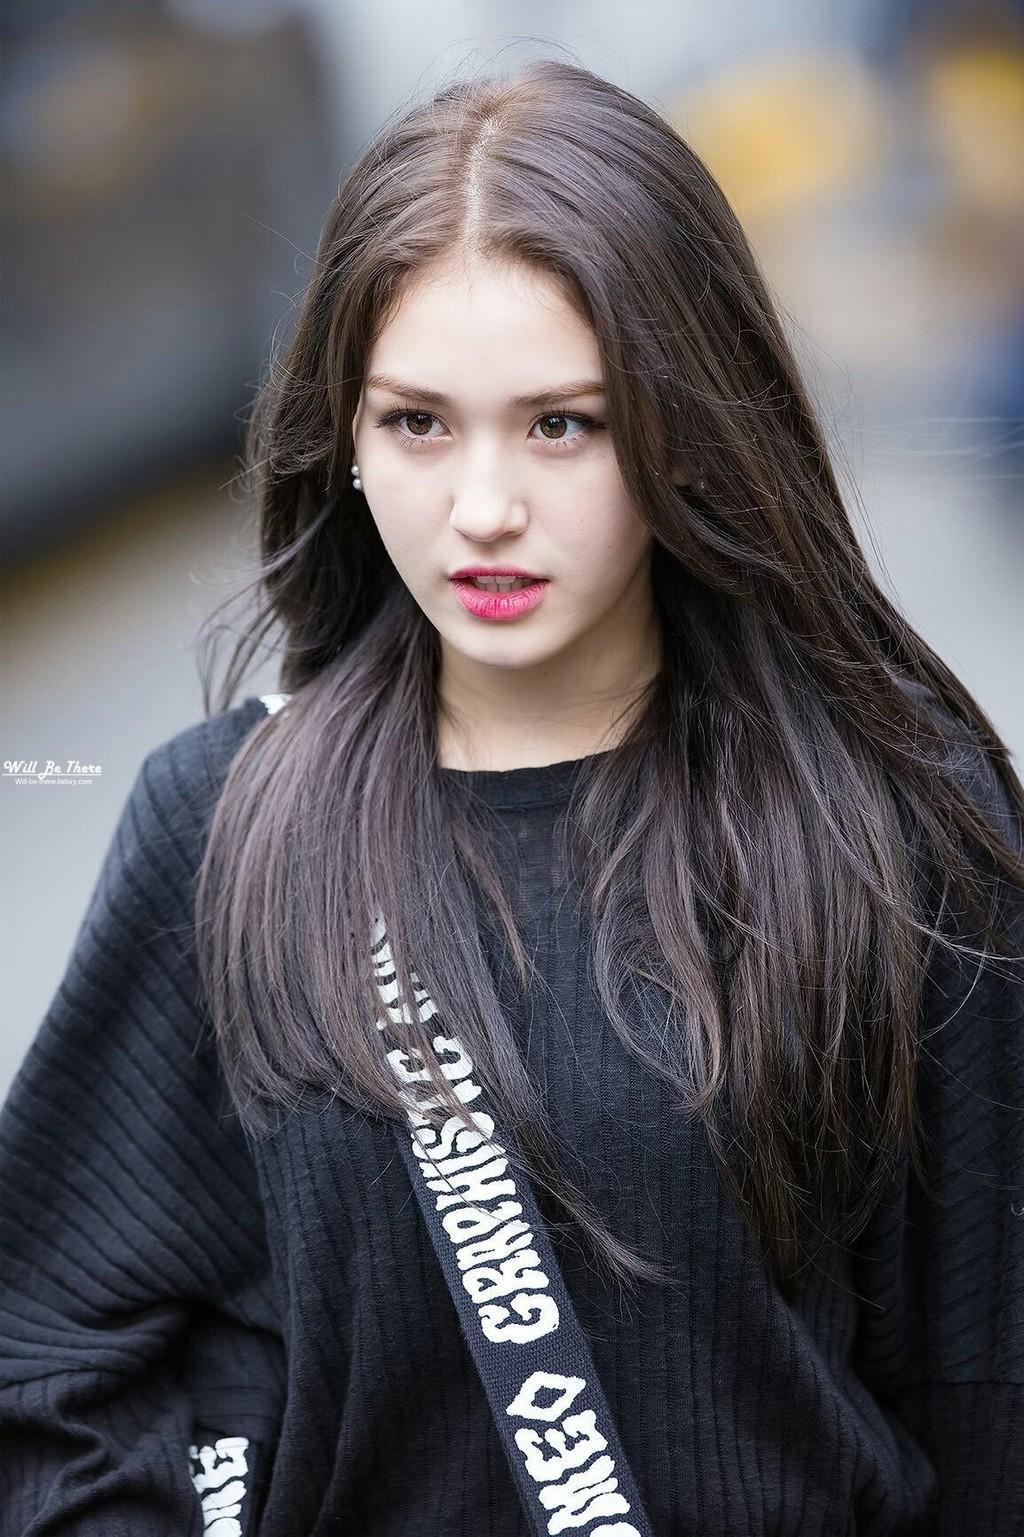 Vẻ đẹp lai của những nữ thần tượng Kpop - Hình 4